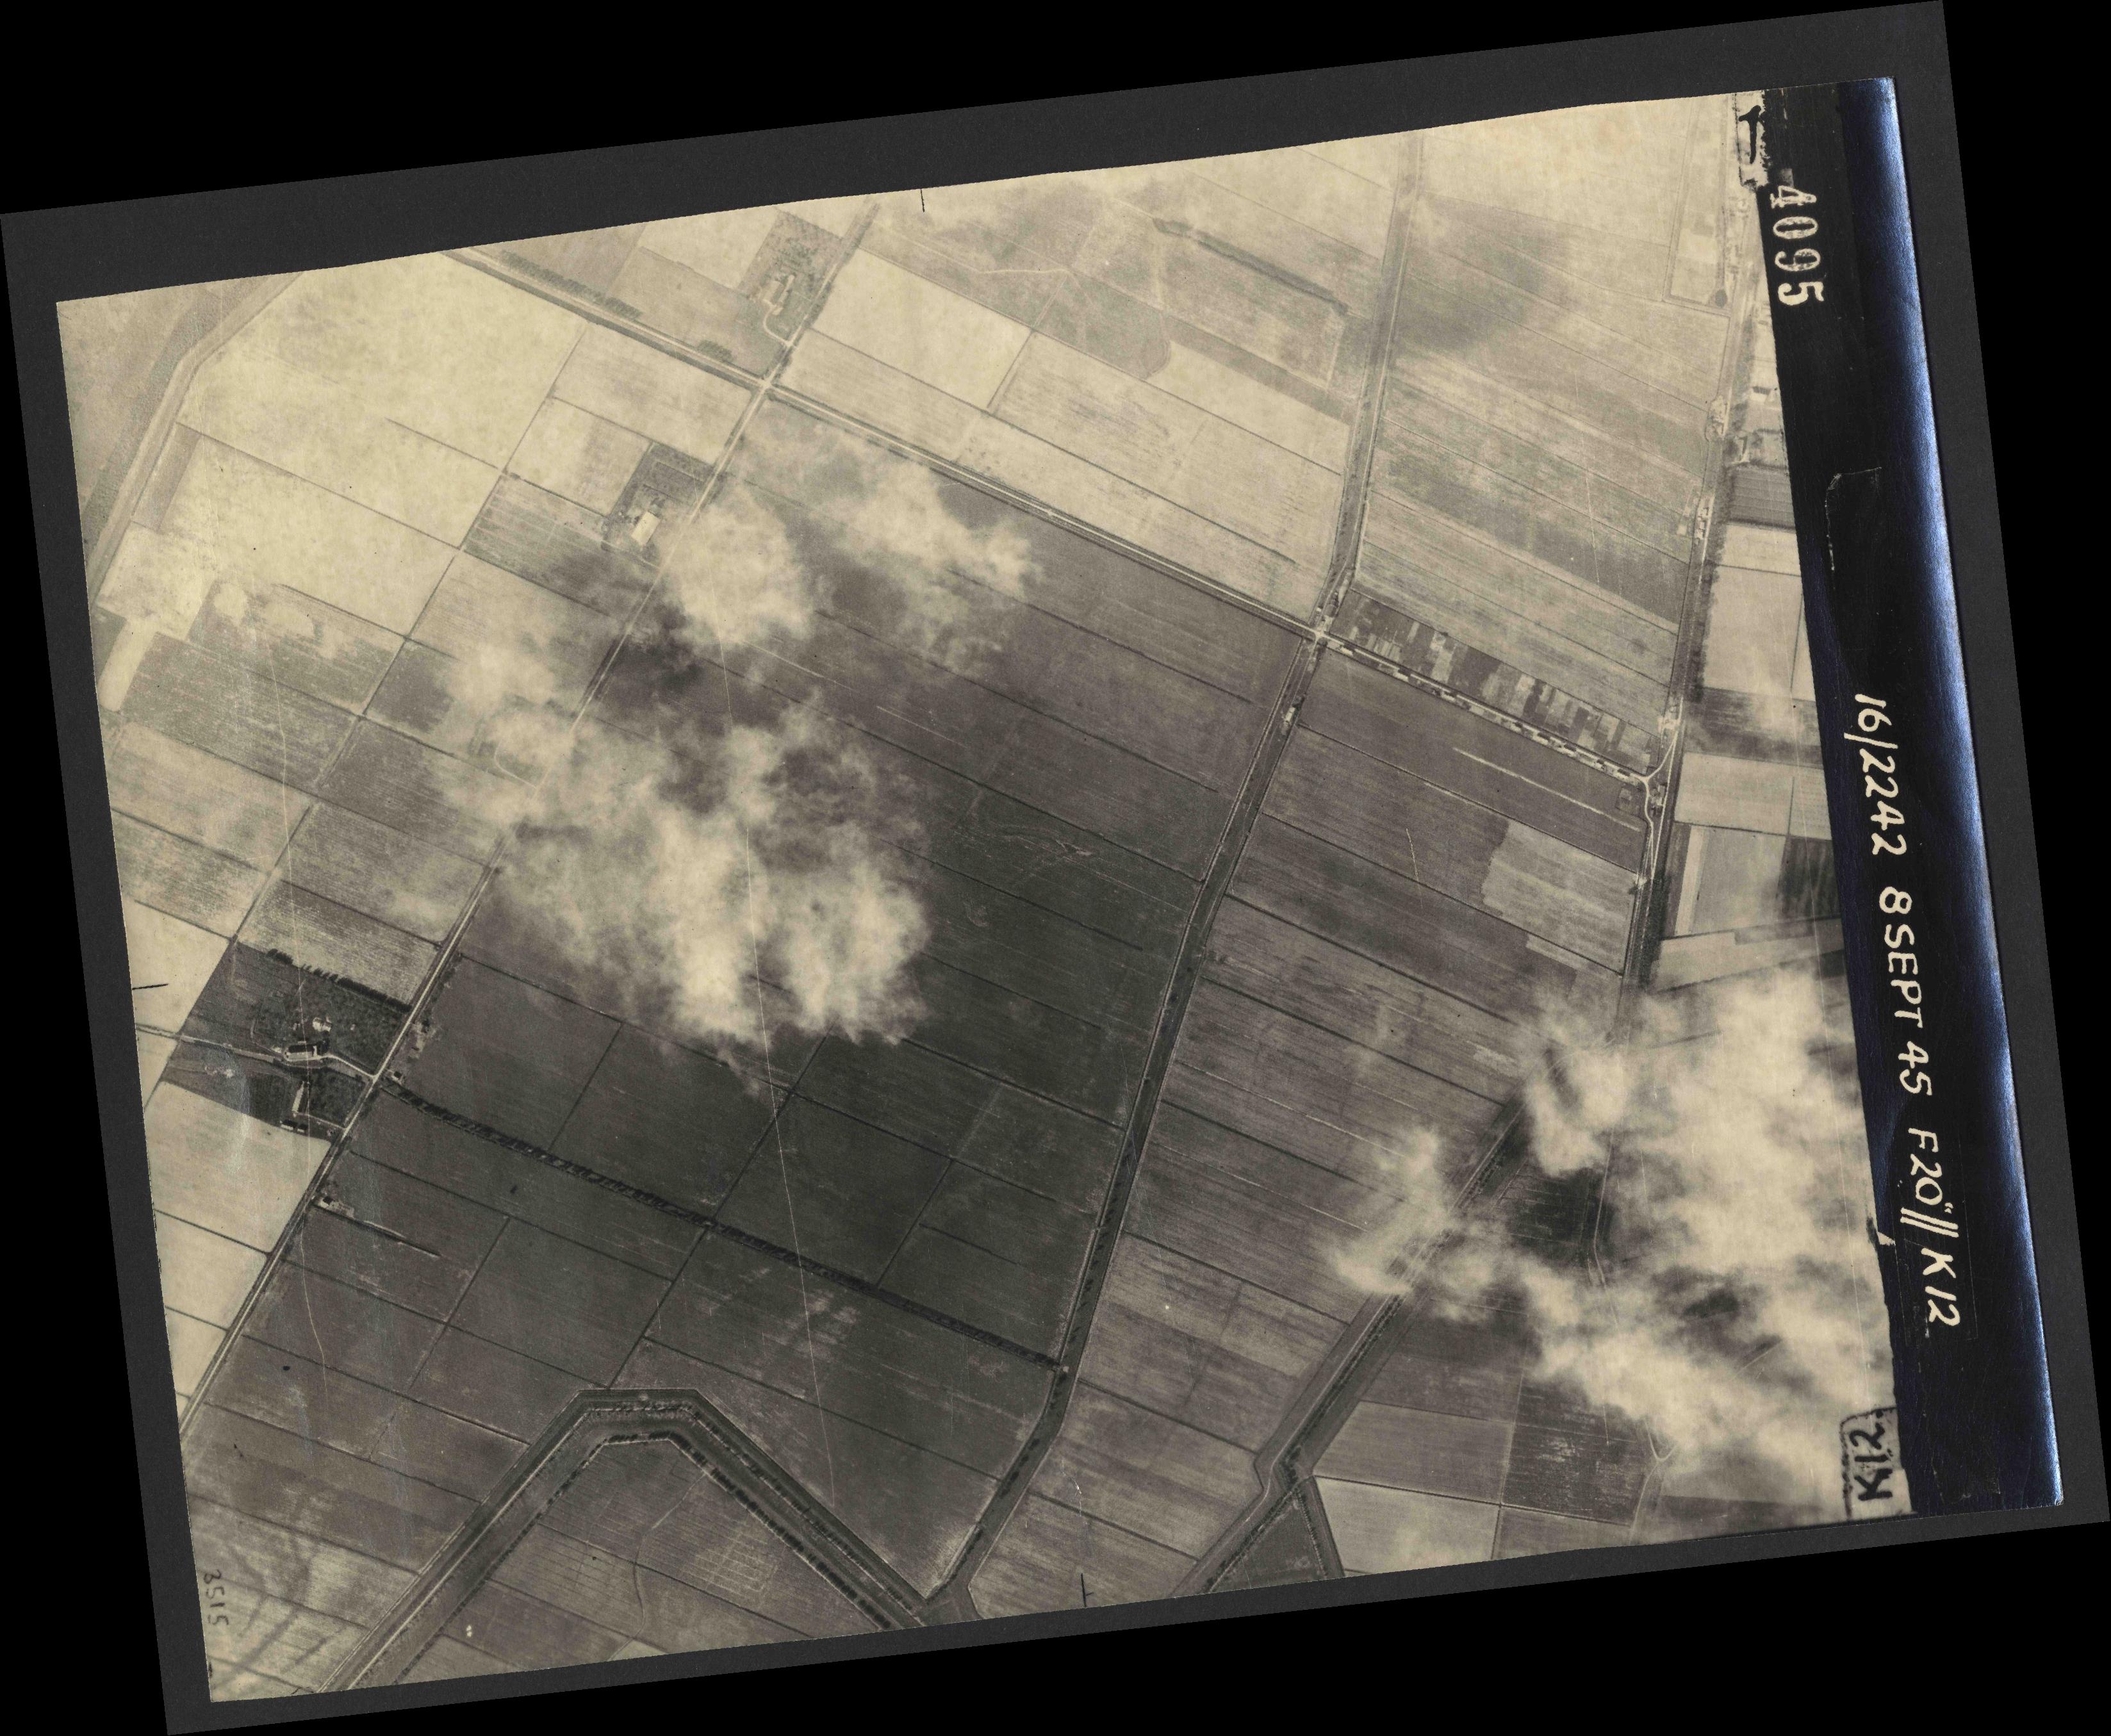 Collection RAF aerial photos 1940-1945 - flight 036, run 13, photo 4095